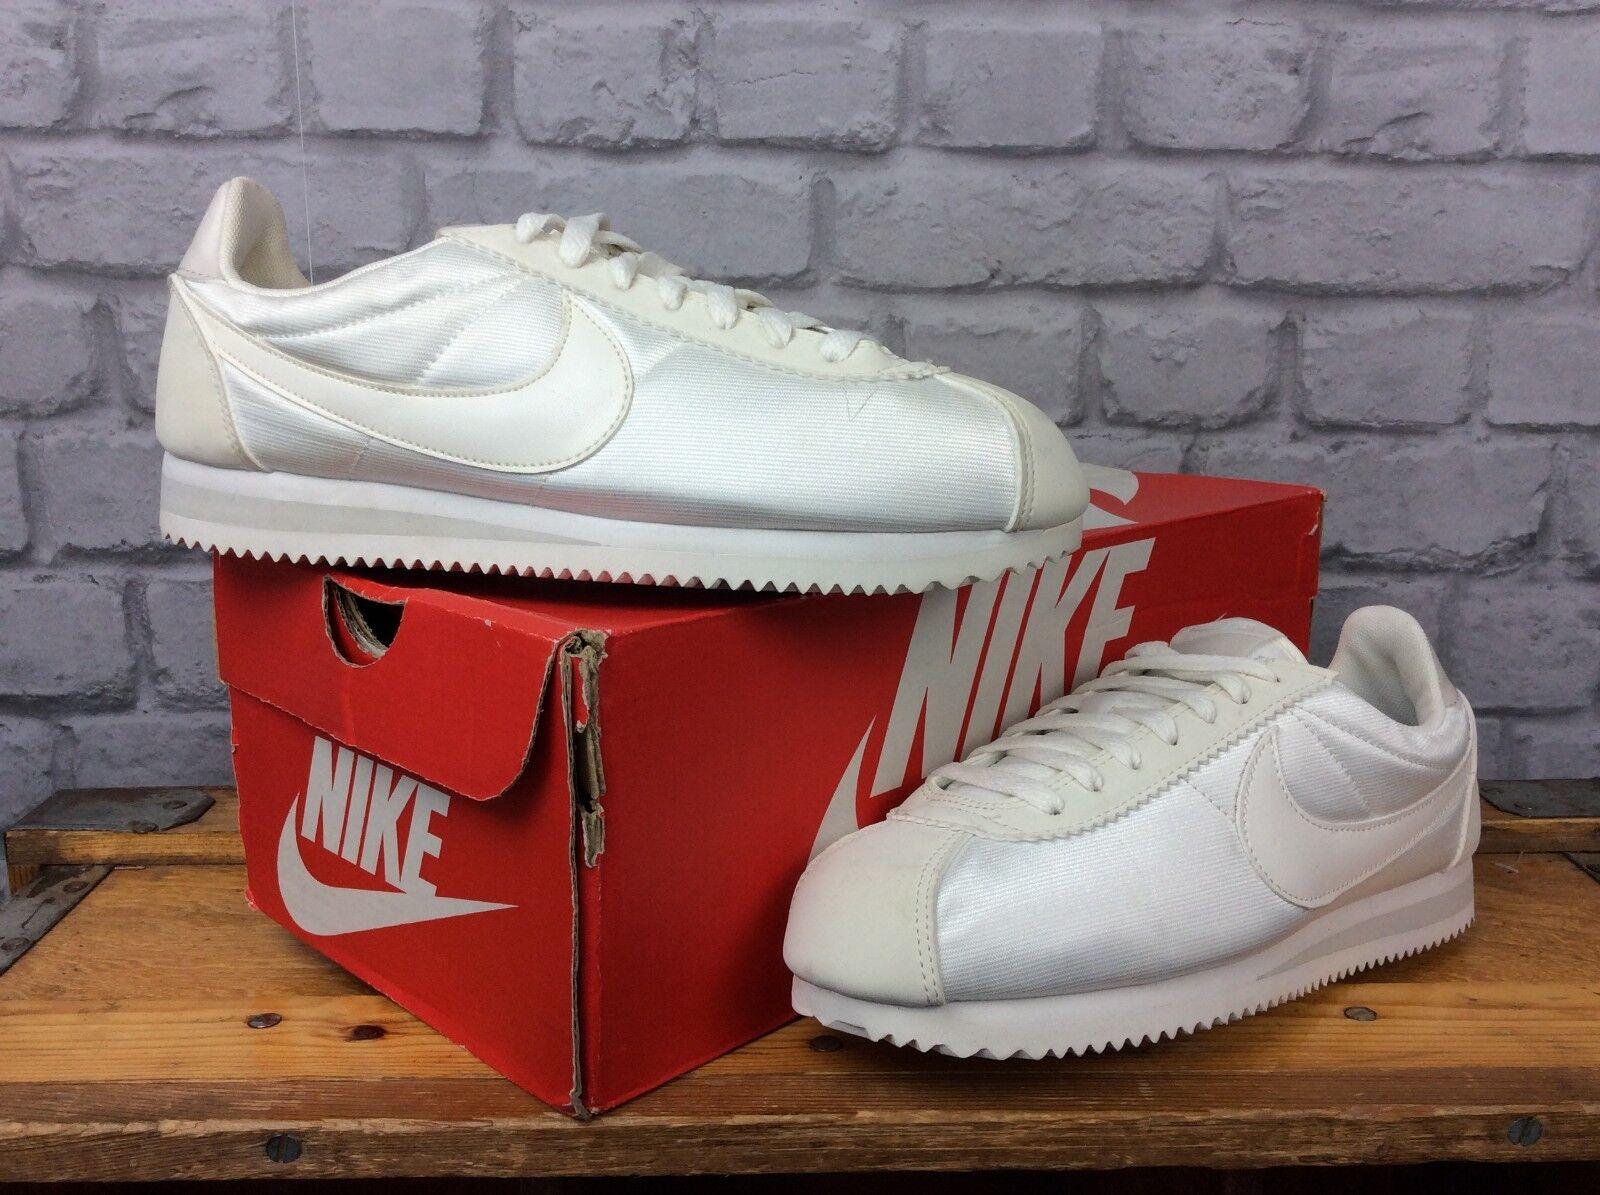 Nike Donna EU Osso 40 Luce Avorio Osso EU Classic Cortez Nylon   Da Ginnastica Rrp f09cc3